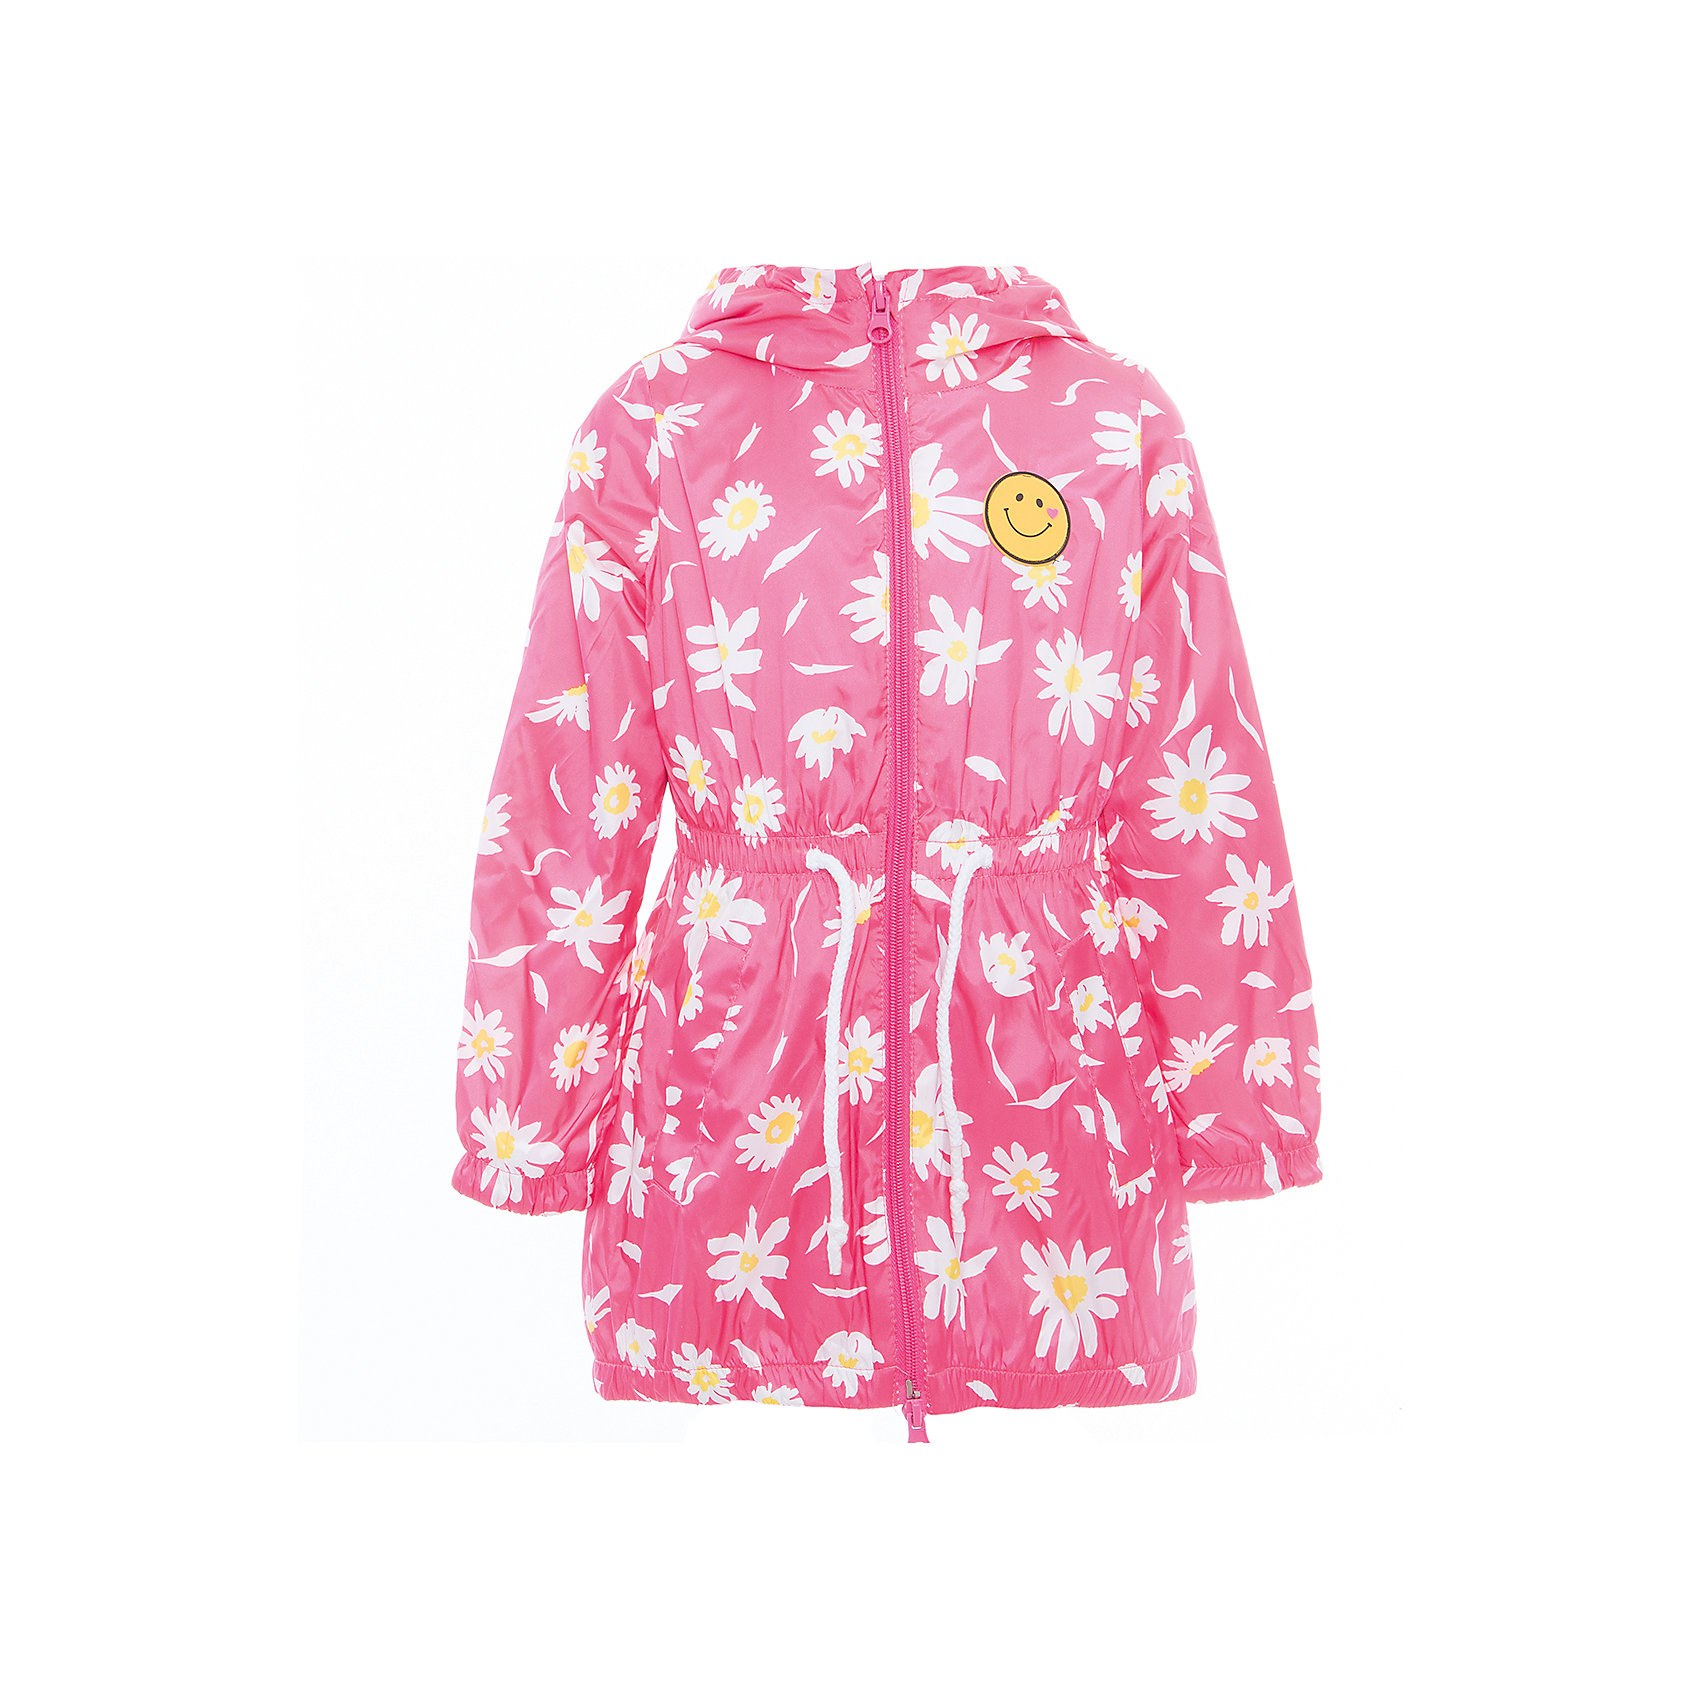 Плащ для девочки BOOM by OrbyВерхняя одежда<br>Характеристики товара:<br><br>• цвет: розовый<br>• состав: верх - таффета, подкладка - полиэстер, флис, без утеплителя<br>• температурный режим: от 0° до +15°С<br>• демисезон<br>• капюшон<br>• застежка - молния<br>• декорирован нашивкой<br>• принт<br>• шнурок в поясе<br>• комфортная посадка<br>• страна производства: Российская Федерация<br>• страна бренда: Российская Федерация<br>• коллекция: весна-лето 2017<br><br>Такой плащ - универсальный вариант для теплого межсезонья с постоянно меняющейся погодой. Эта модель - модная и удобная одновременно! Изделие отличается стильным ярким дизайном. Плащ хорошо сидит по фигуре, отлично сочетается с различным низом. Вещь была разработана специально для детей.<br><br>Плащ для девочки от бренда BOOM by Orby можно купить в нашем интернет-магазине.<br><br>Ширина мм: 356<br>Глубина мм: 10<br>Высота мм: 245<br>Вес г: 519<br>Цвет: розовый<br>Возраст от месяцев: 144<br>Возраст до месяцев: 156<br>Пол: Женский<br>Возраст: Детский<br>Размер: 158,146,104,110,98,116,122,128,134,140,152<br>SKU: 5343766